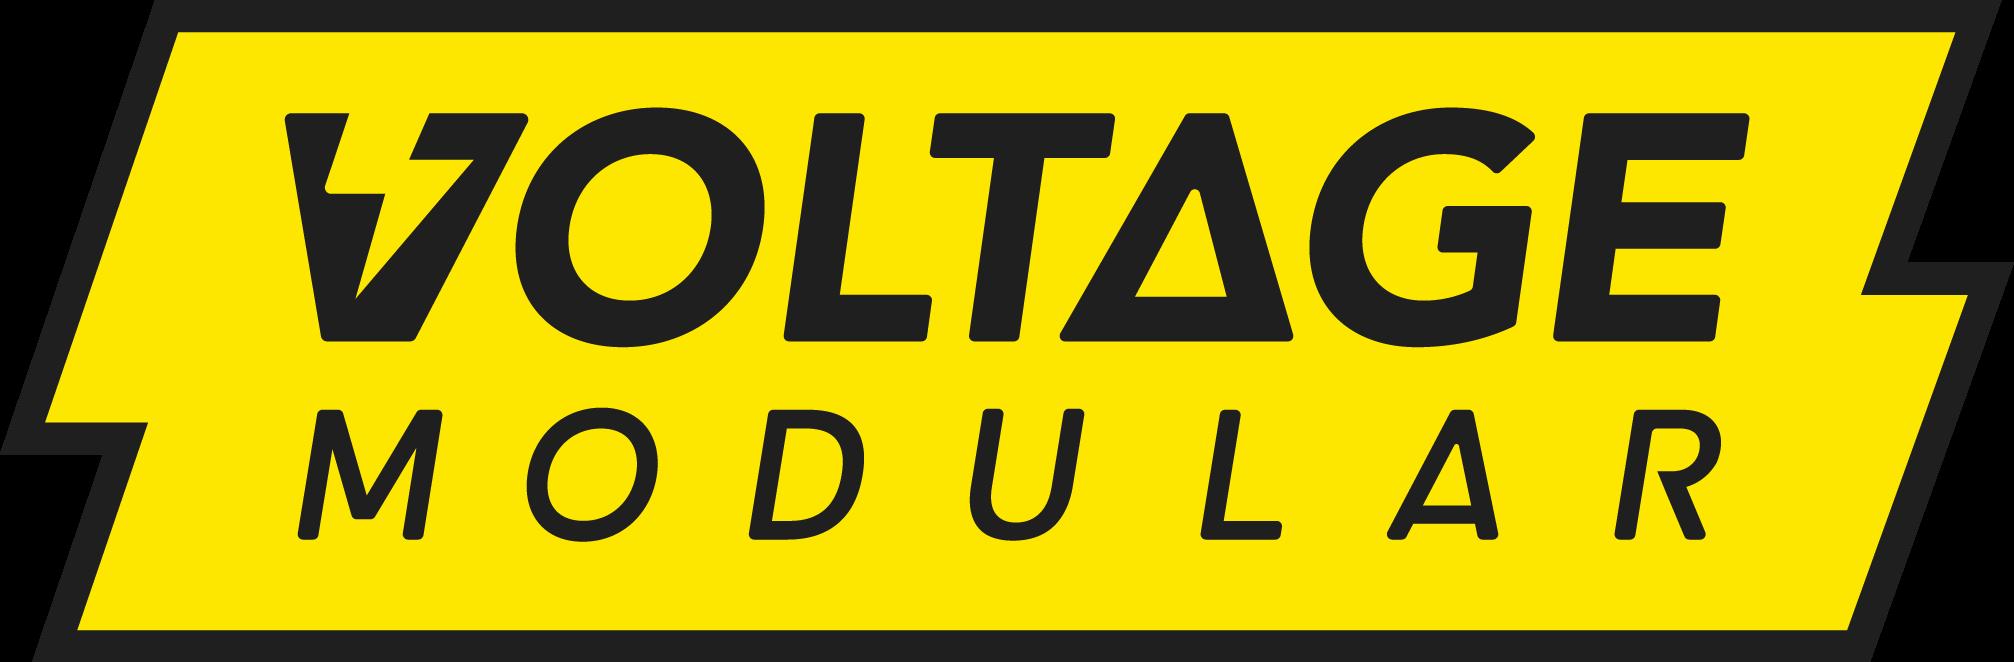 Voltage Modular